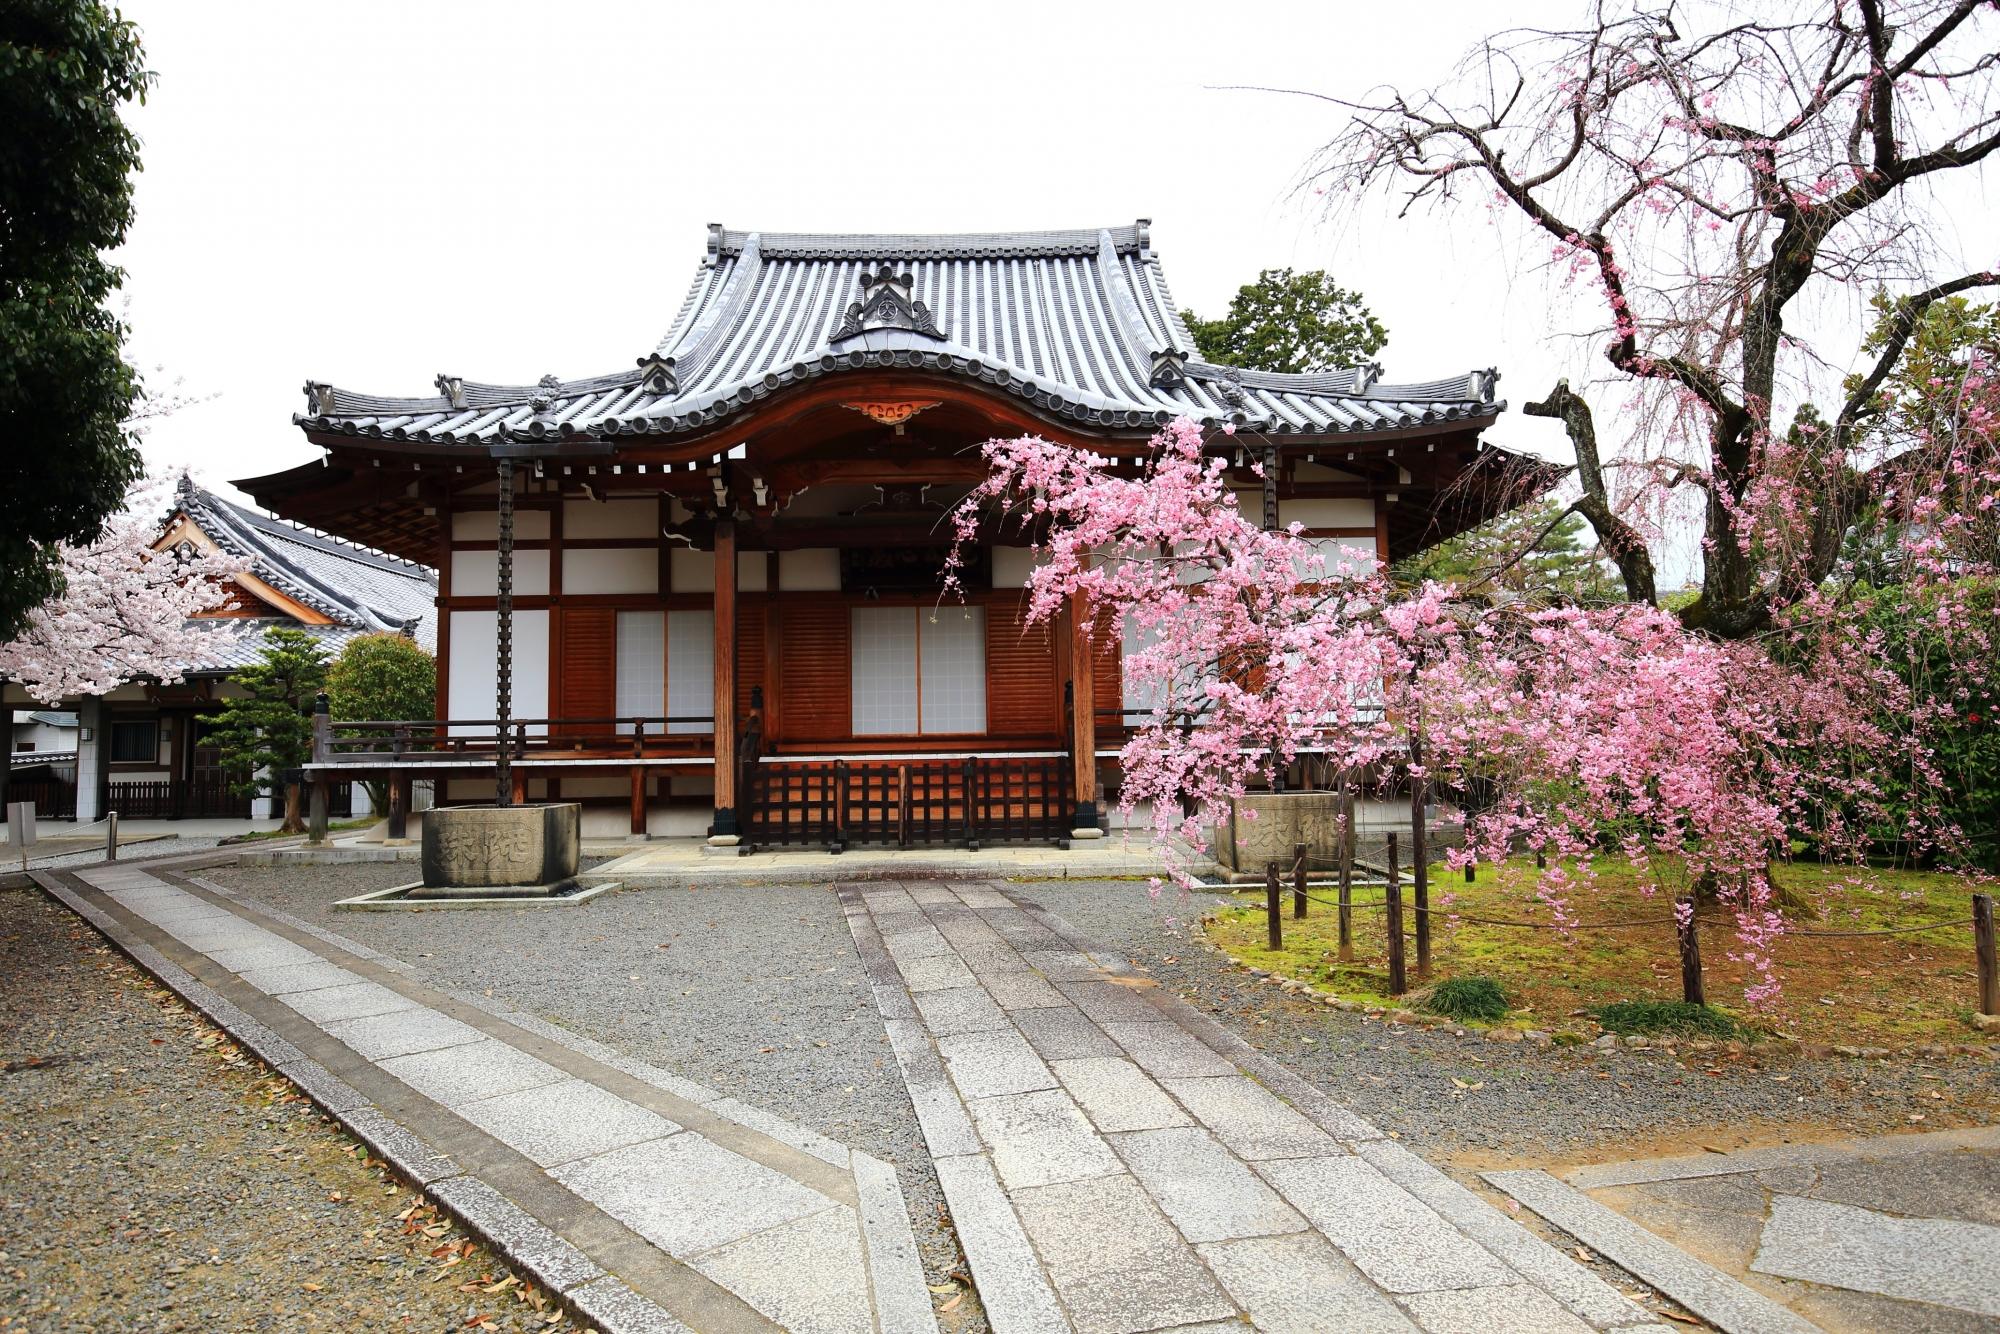 上品蓮台寺のお堂と鮮やかなしだれ桜